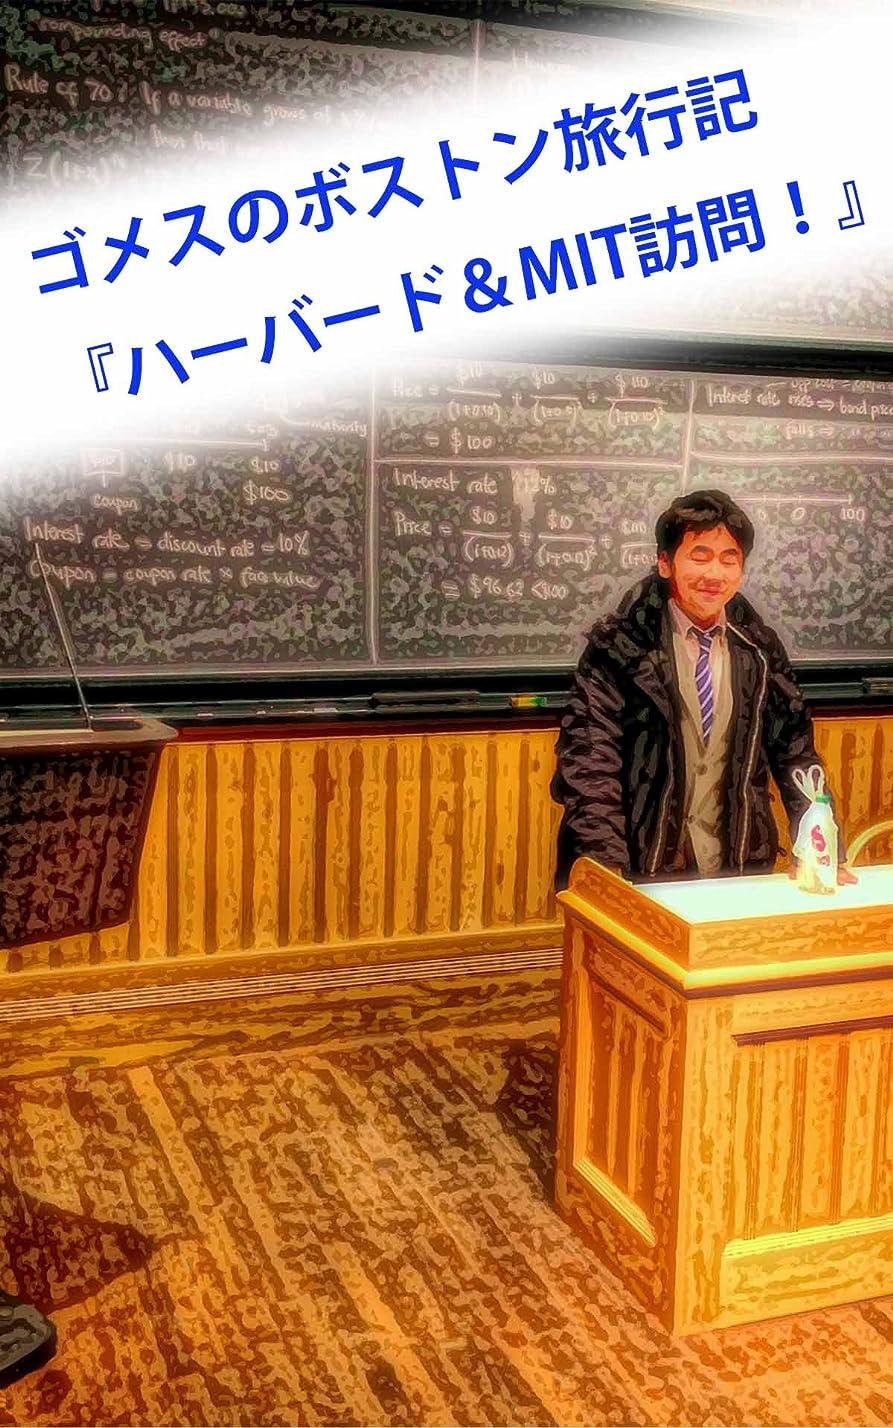 欠員る現実にはゴメスのボストン旅行記『ハーバード&MIT訪問』